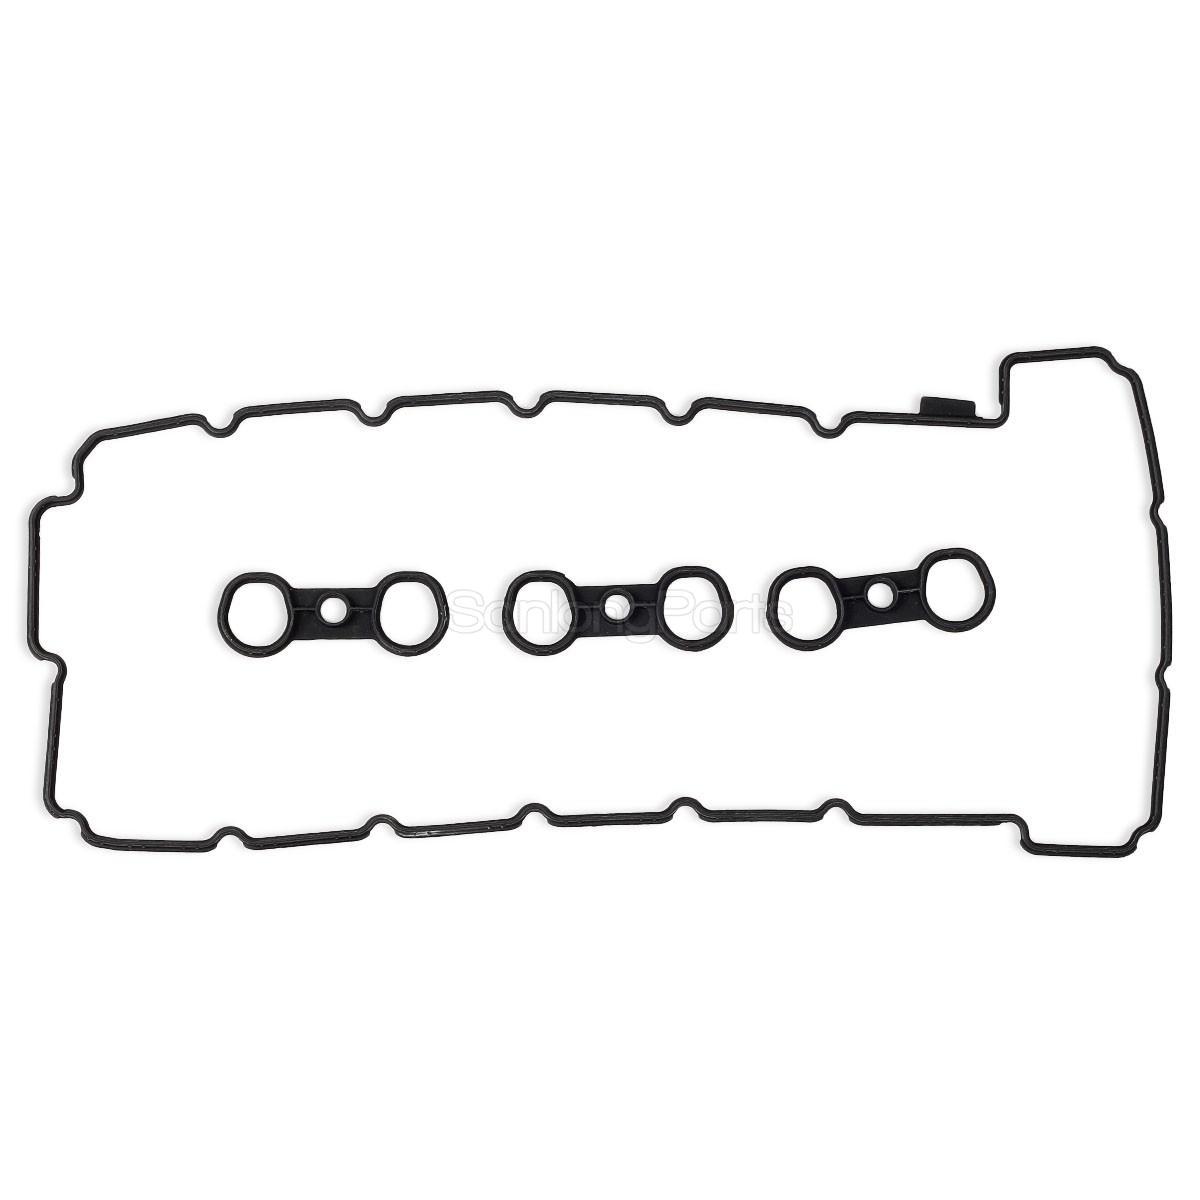 Valve Cover Gasket Set For Bmw 07 13 128i 328i 328i 528i